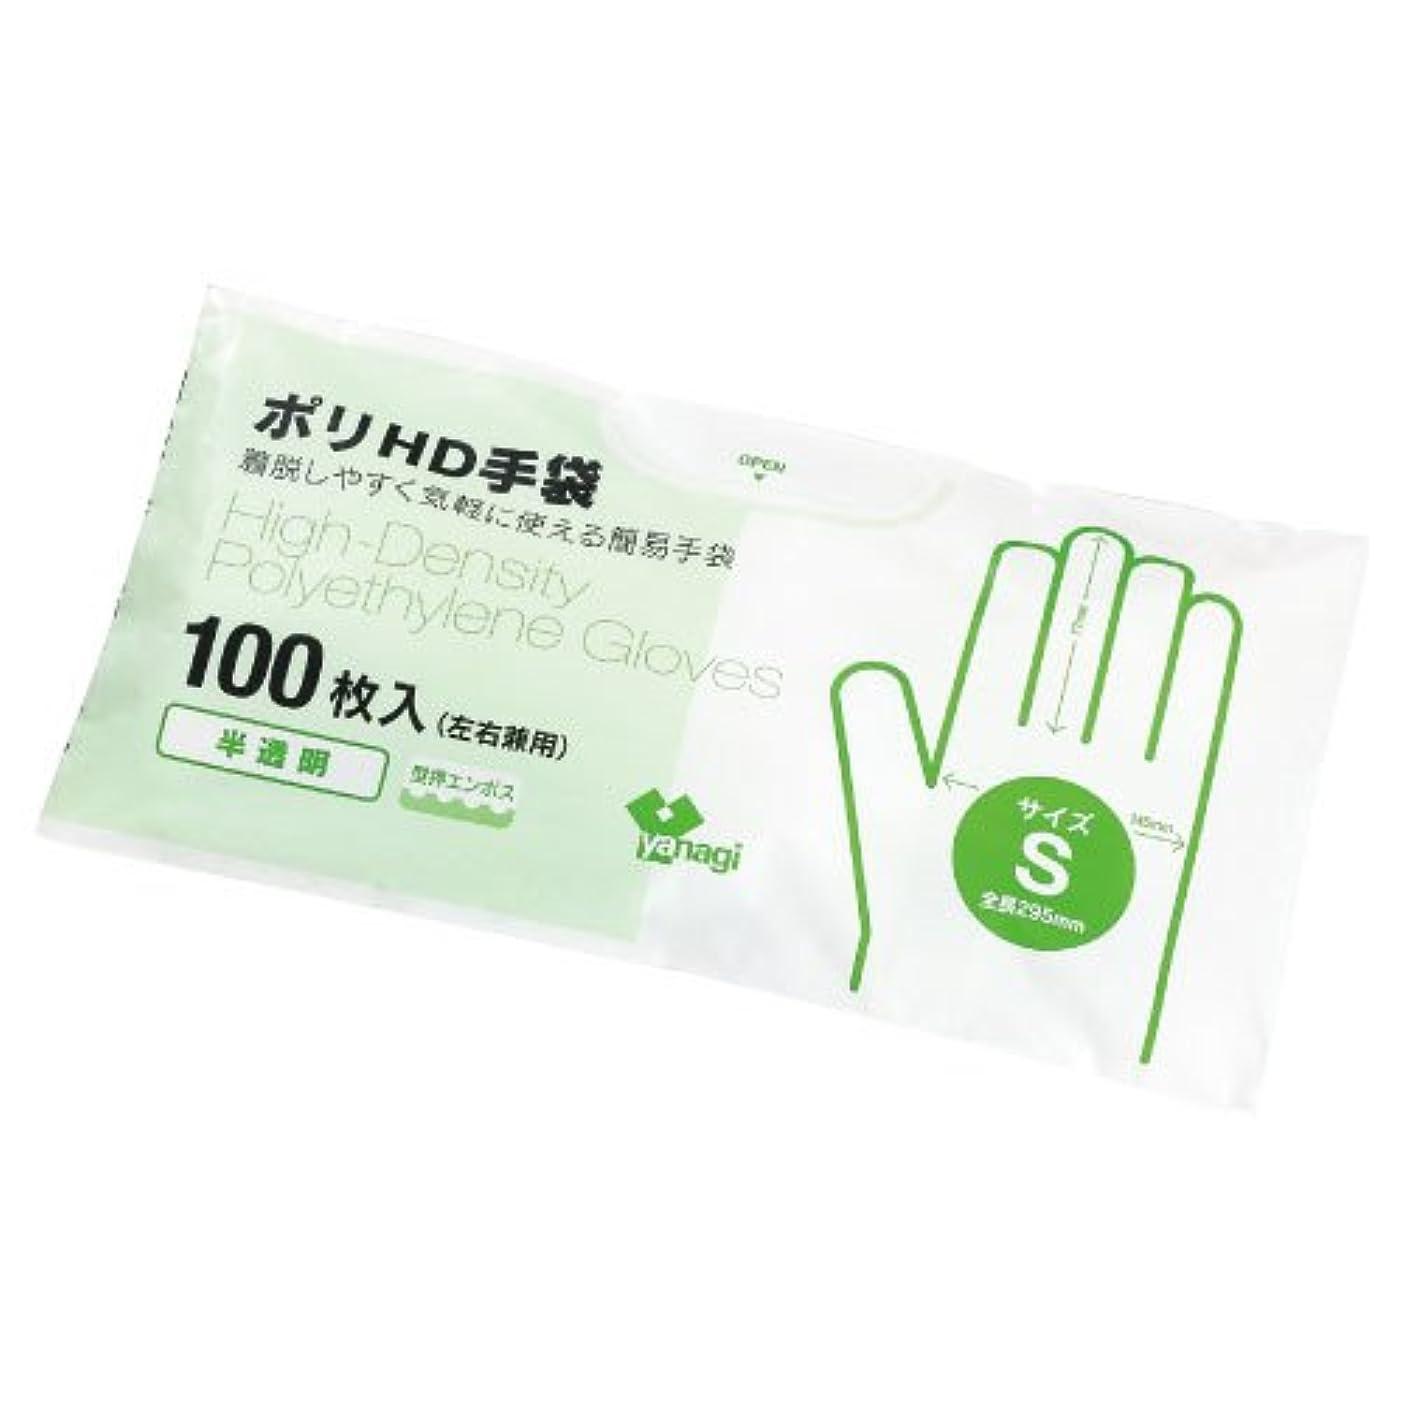 維持する葉っぱプレゼントポリHD手袋(半透明)型押エンボス TB-203(M)100???? ???HD???????????????(24-2575-01)【やなぎプロダクツ】[120袋単位]